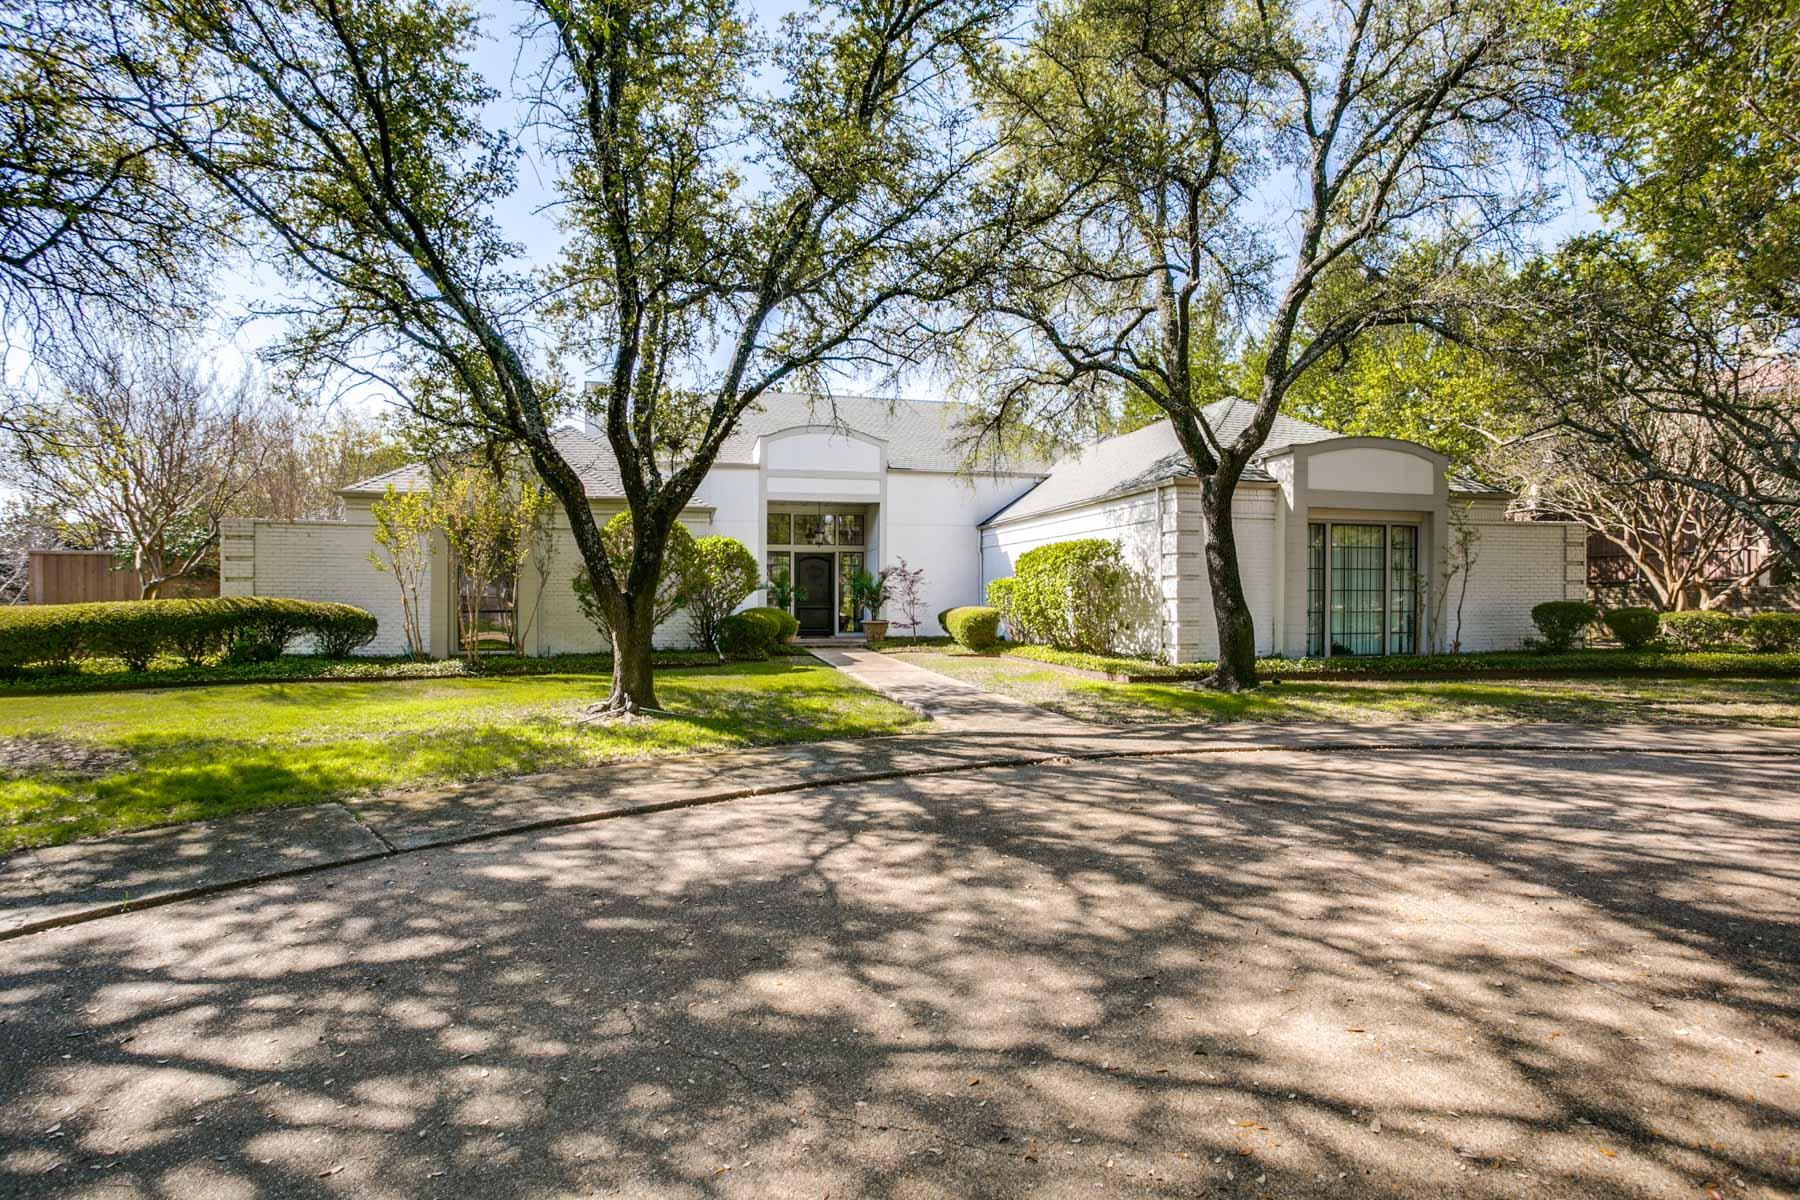 Частный односемейный дом для того Продажа на French Inspired Home on .85 of an Acre 6818 Churchill Way Dallas, Техас, 75230 Соединенные Штаты